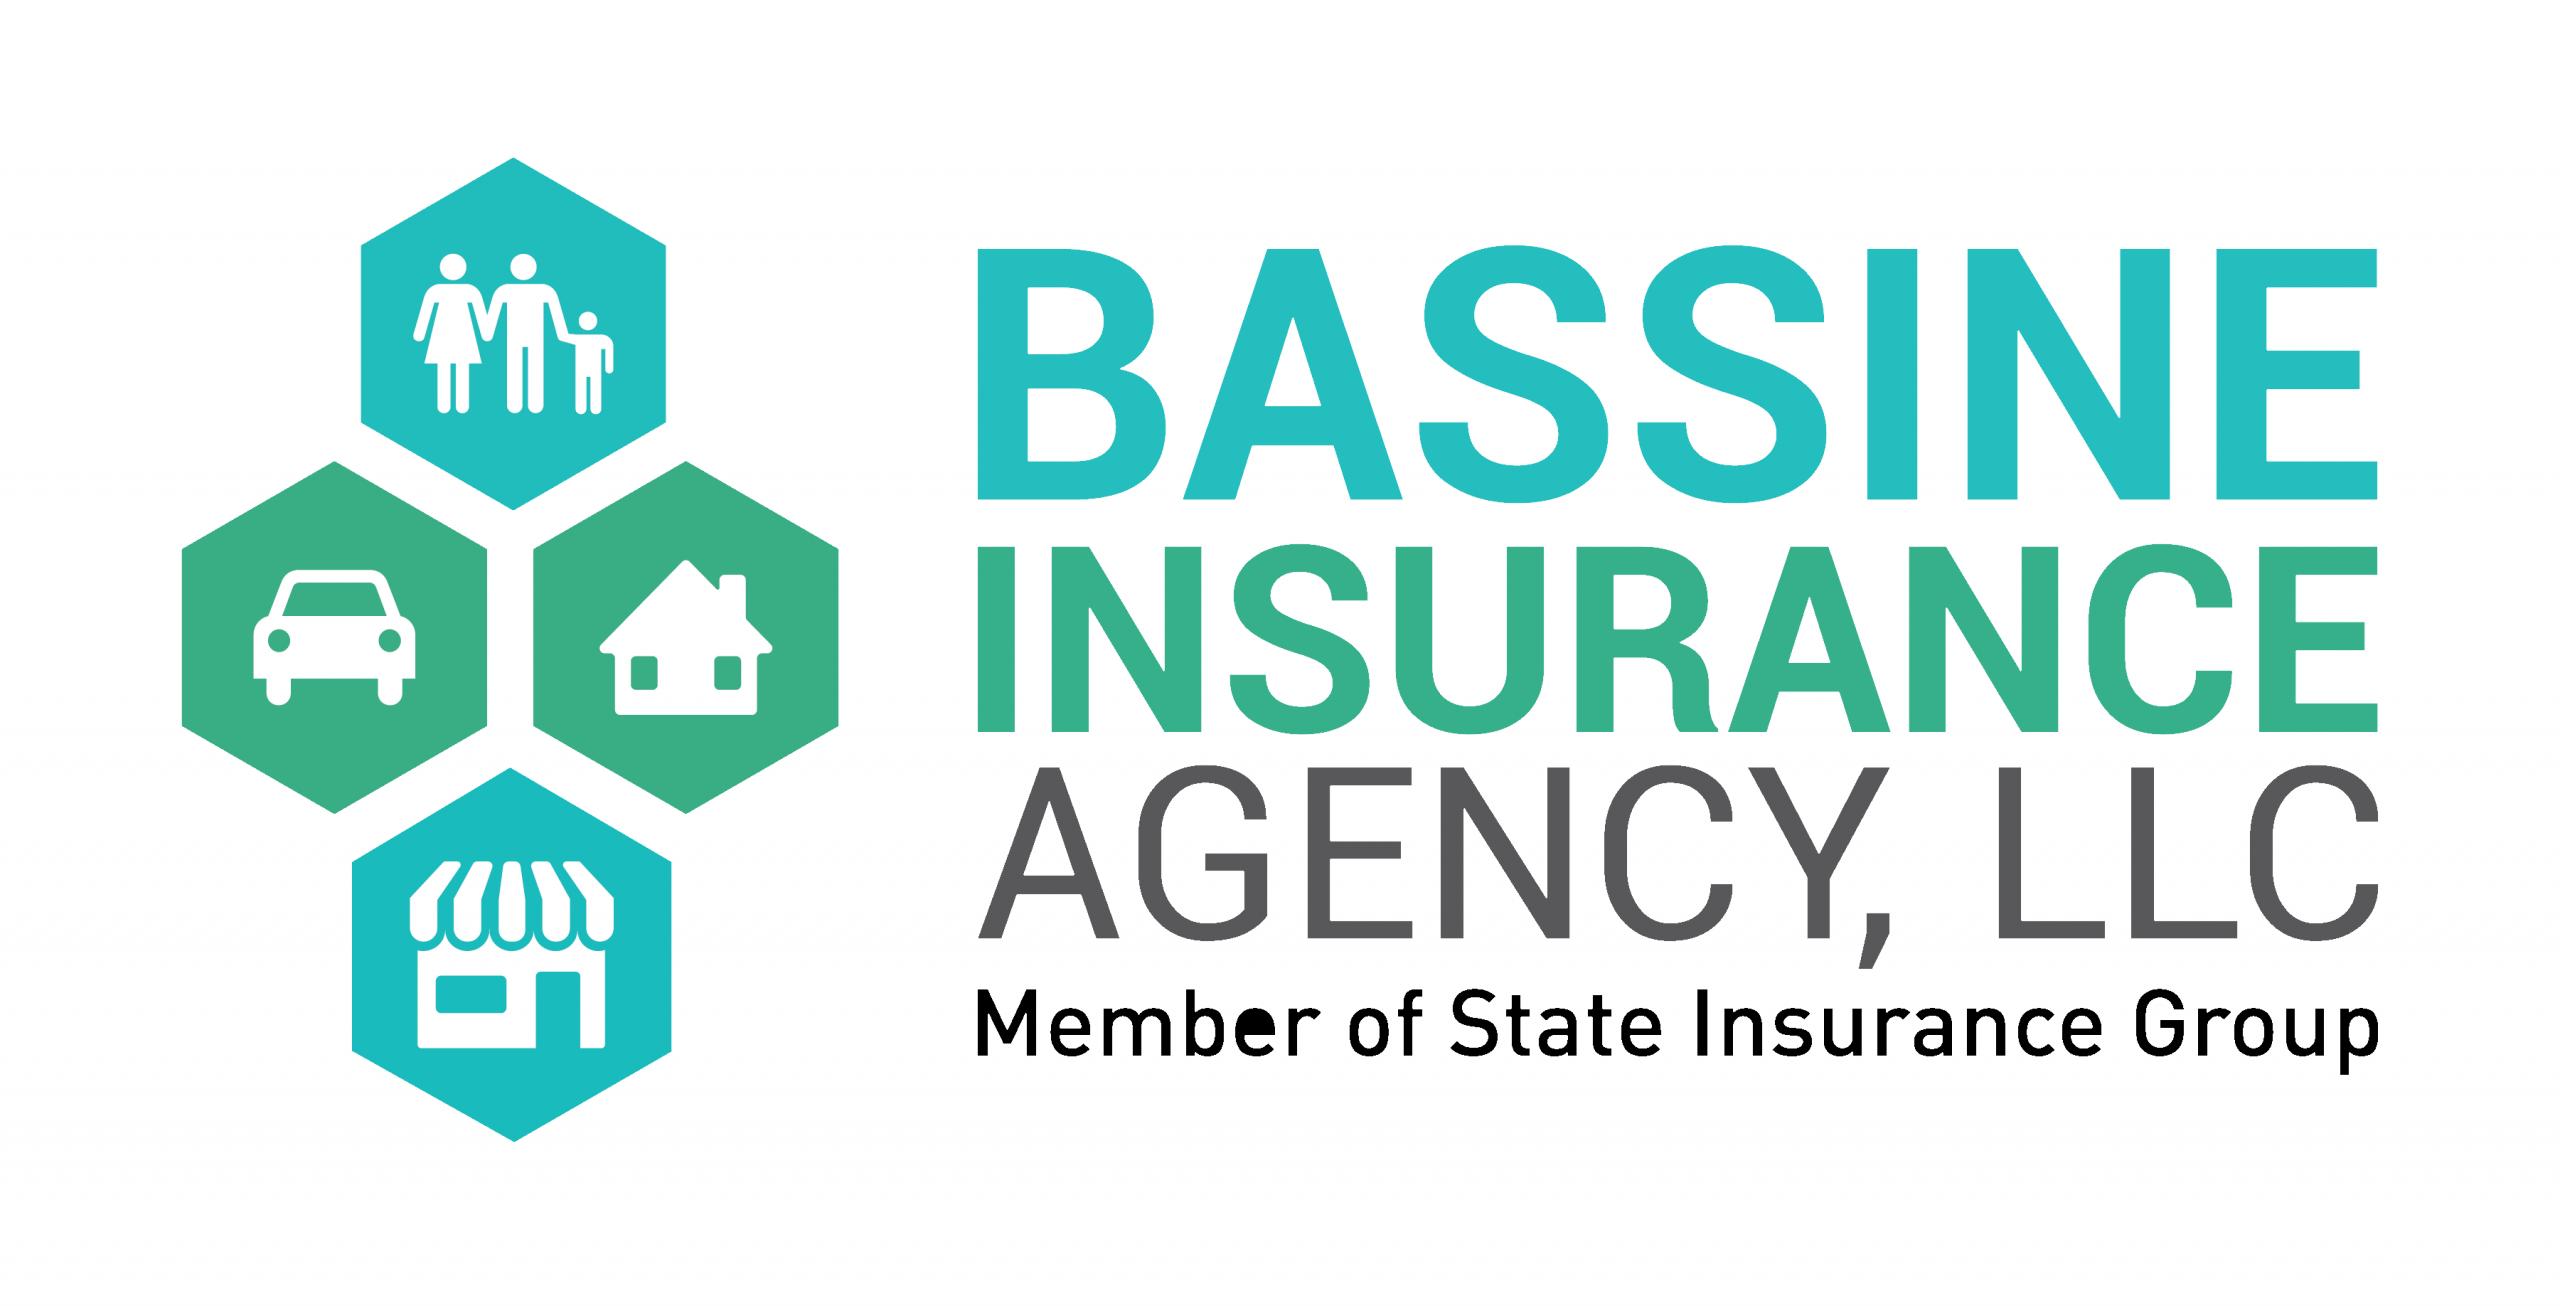 Bassine Insurance